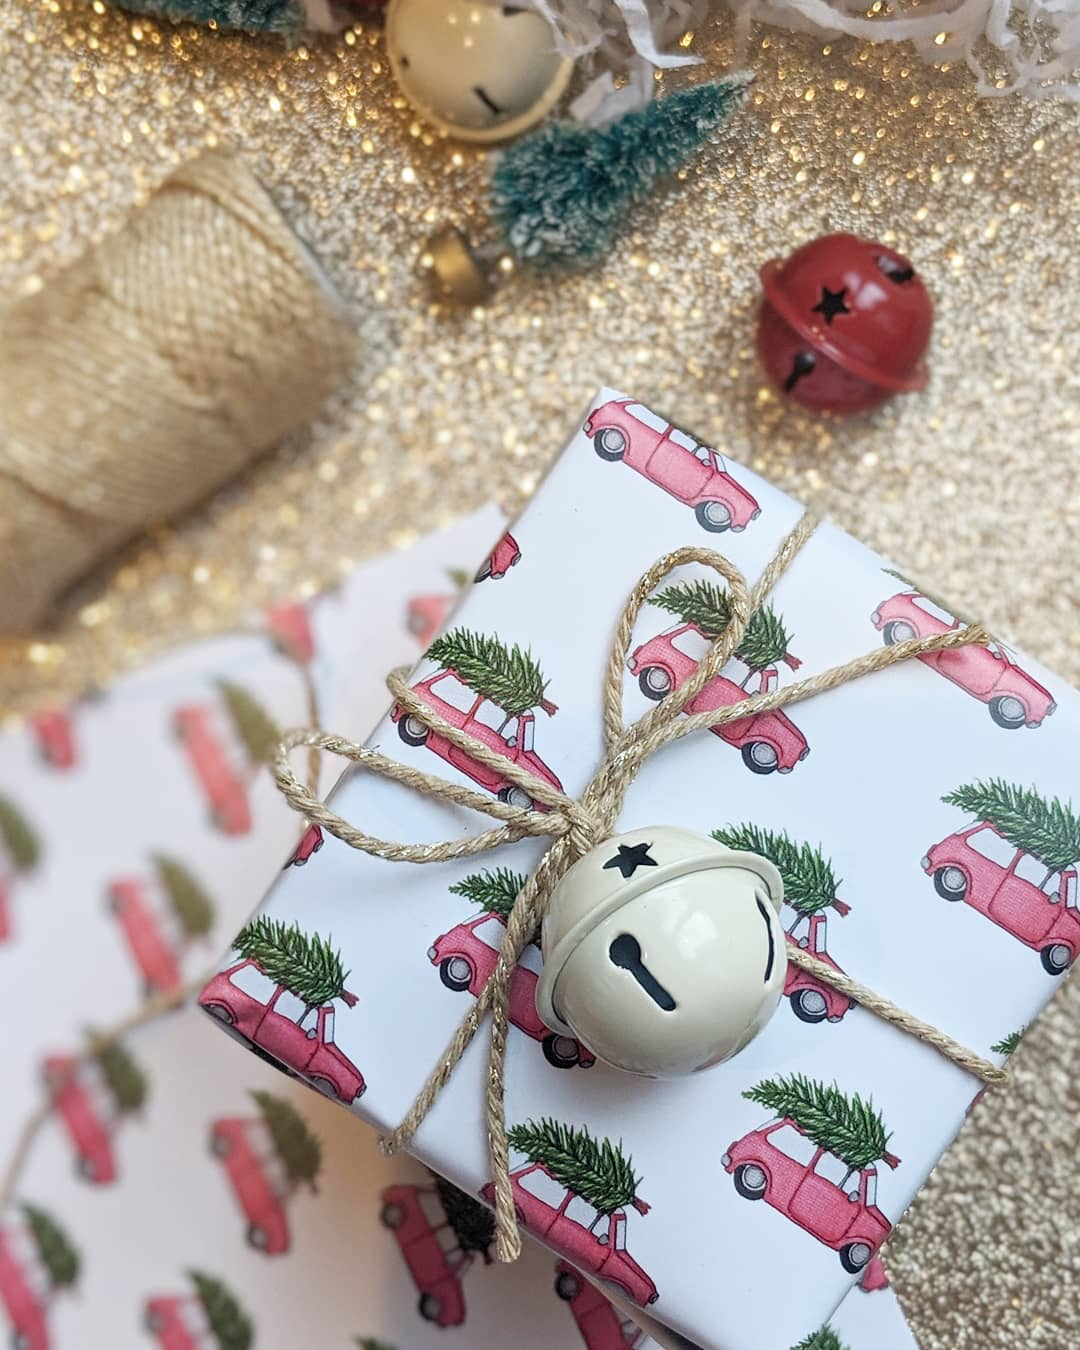 twine ornament idea